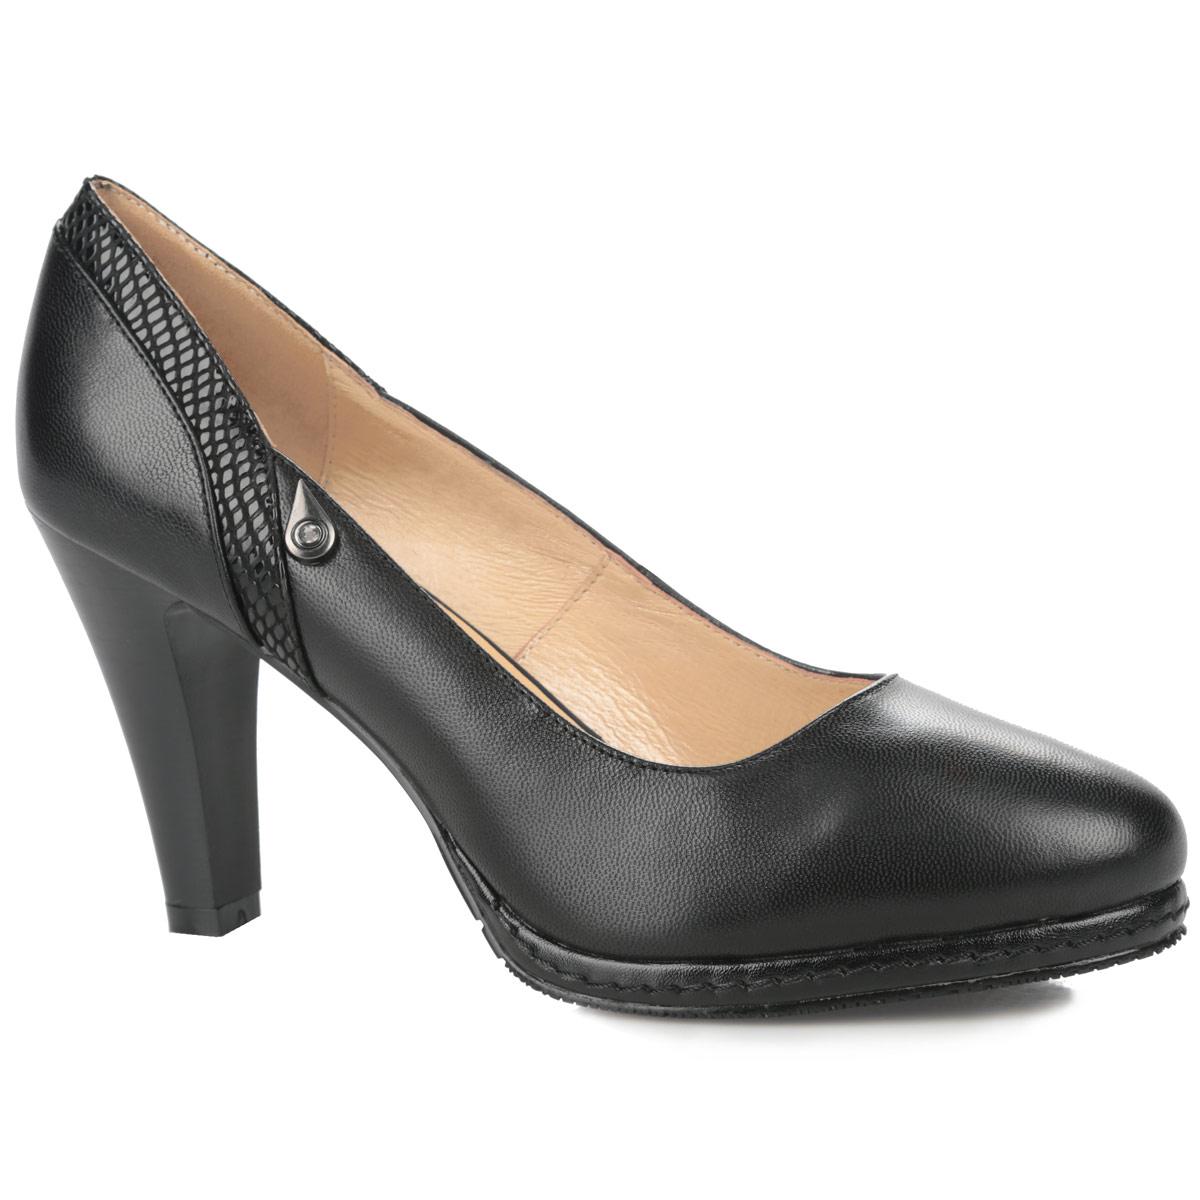 Туфли женские. 47-42-05AMK47-42-05AMKОригинальные женские туфли в классическом стиле от MakFine заинтересуют вас своим дизайном. Модель выполнена натуральной кожи. Внутренняя отделка и стелька из мягкой натуральной кожи, оформленная логотипом бренда, обеспечивают максимальный комфорт при движении. Задник украшен вставкой из лаковой кожи с декоративным тиснением под рептилию и небольшим металлическим элементом в виде капельки со стразом. Умеренной высоты каблук устойчив. Подошва из резины с рельефным протектором обеспечивает отличное сцепление на любой поверхности. Эти туфли подчеркнут ваш стиль и индивидуальность.